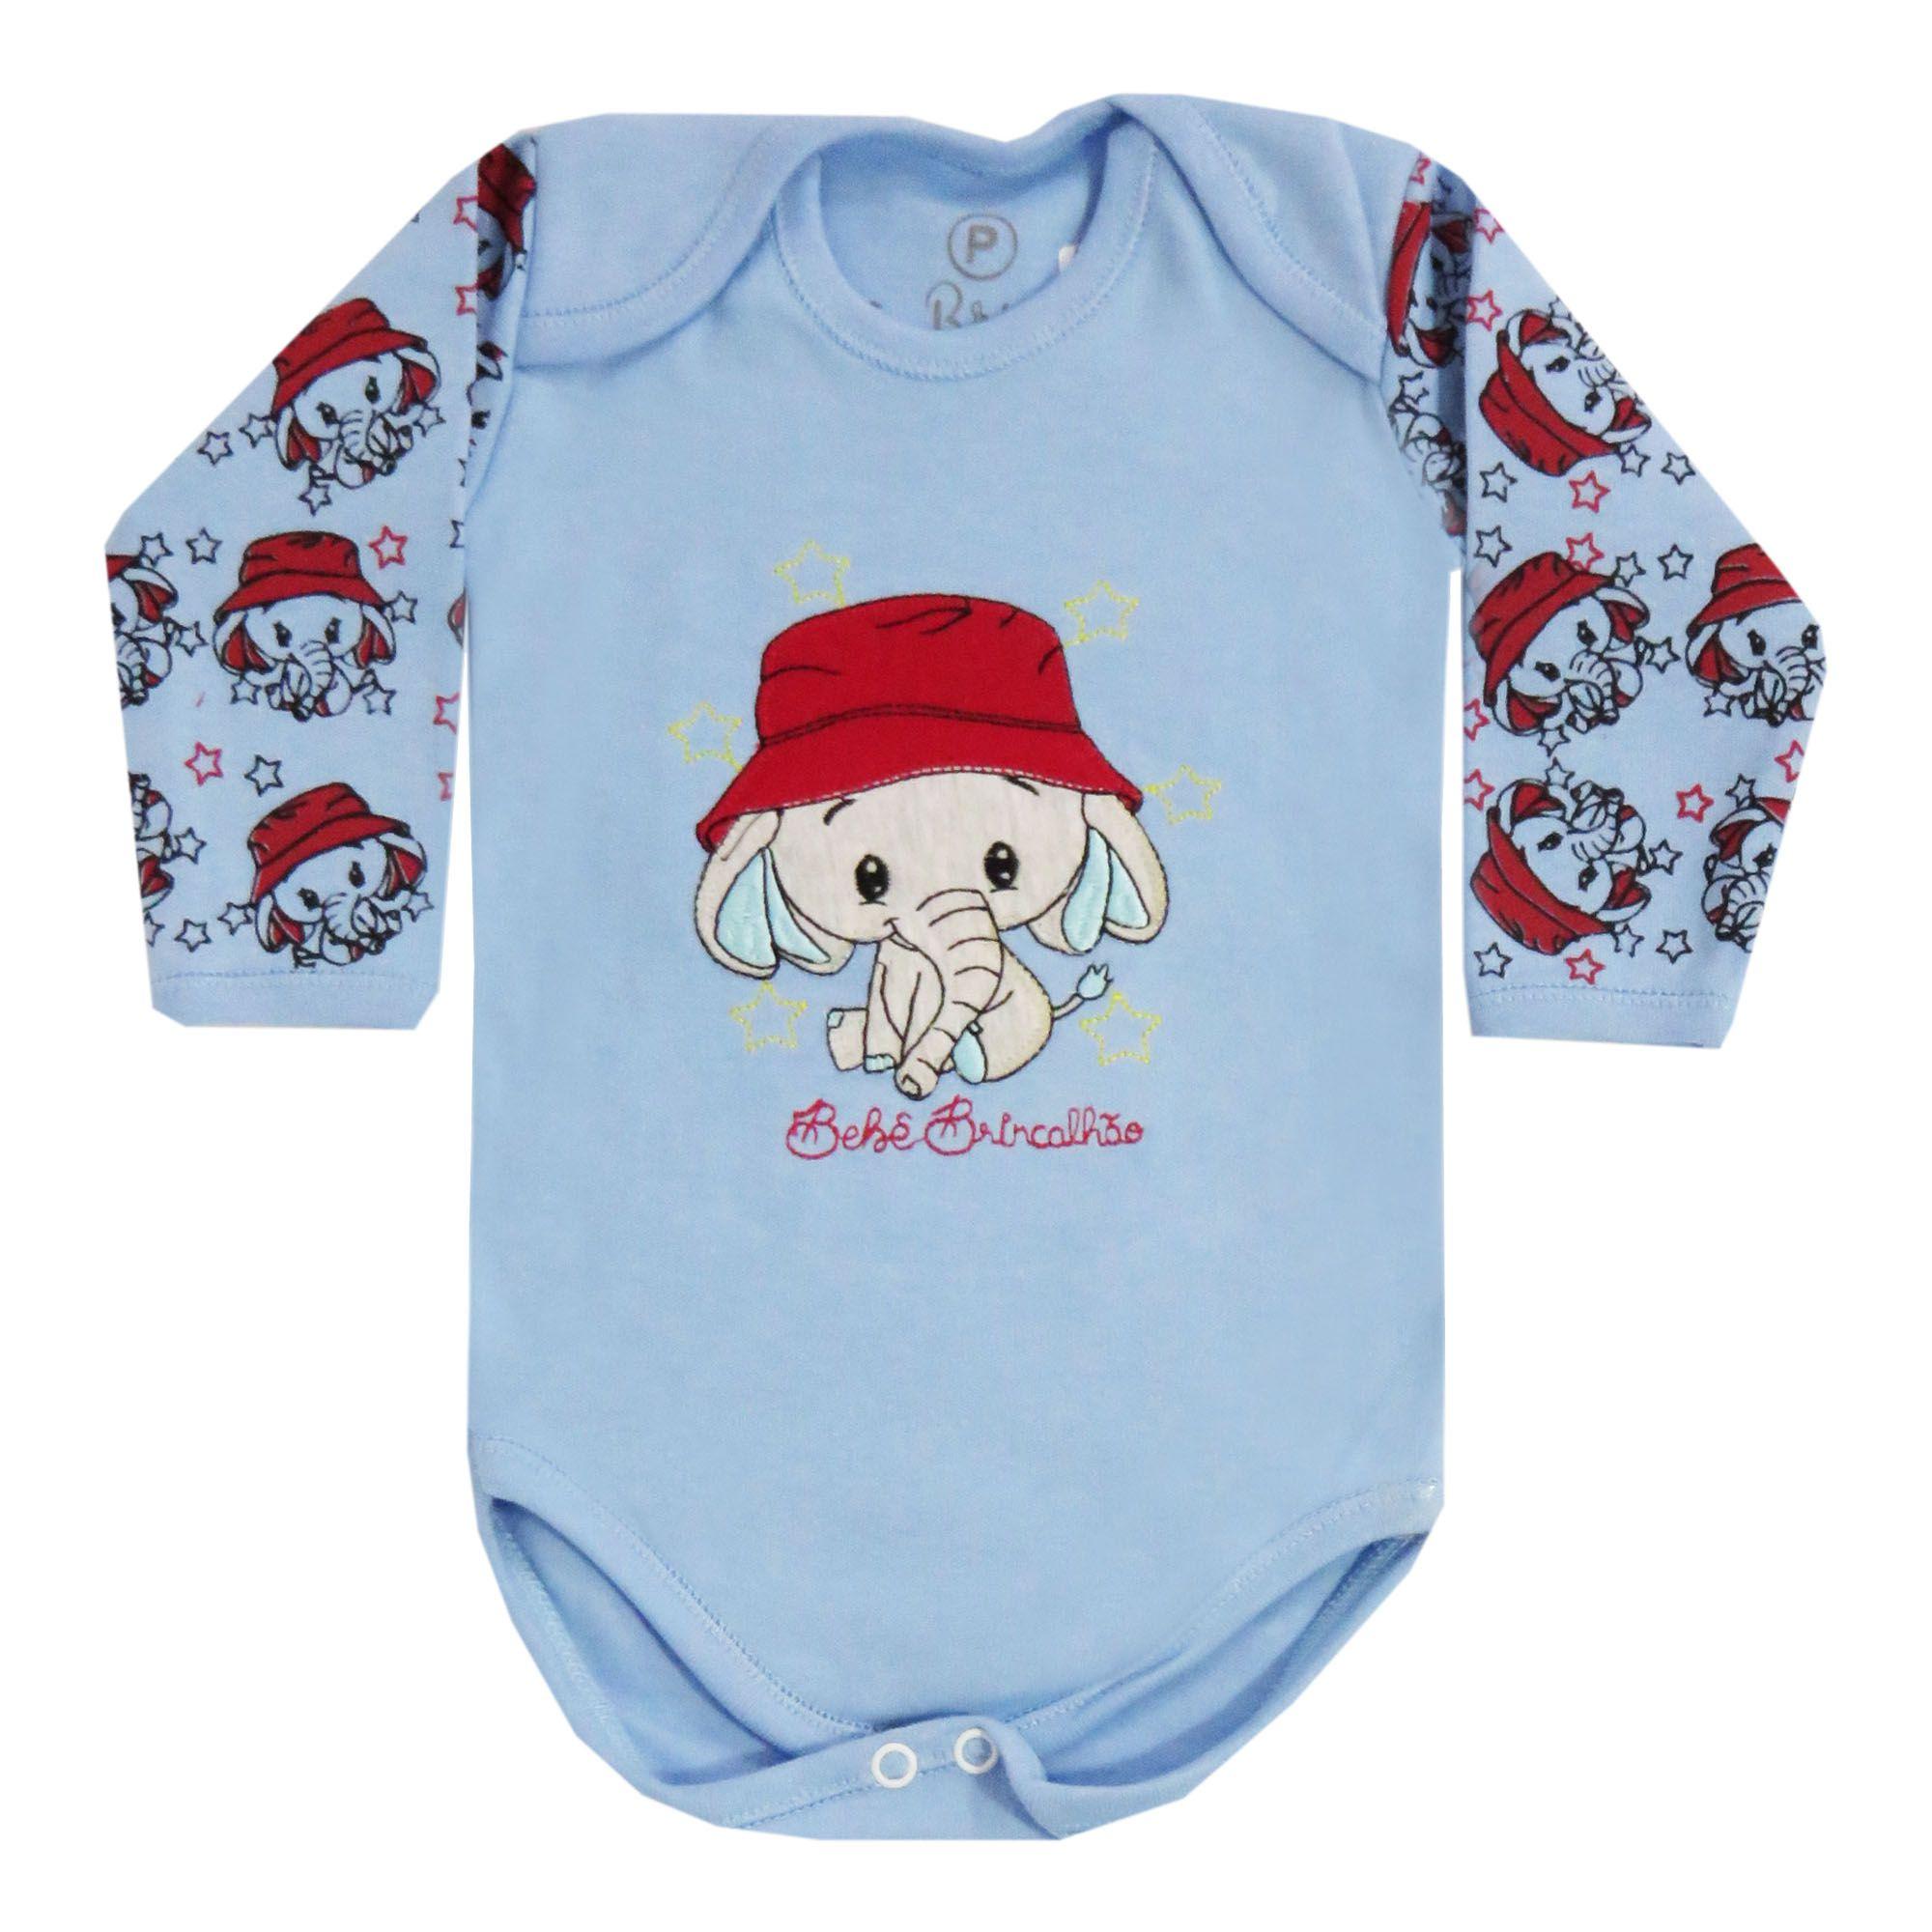 Body Manga Longa Bebê Brincalhão Bordado Cachorrinho, Elefantinho, Gatinho - Rn ao G